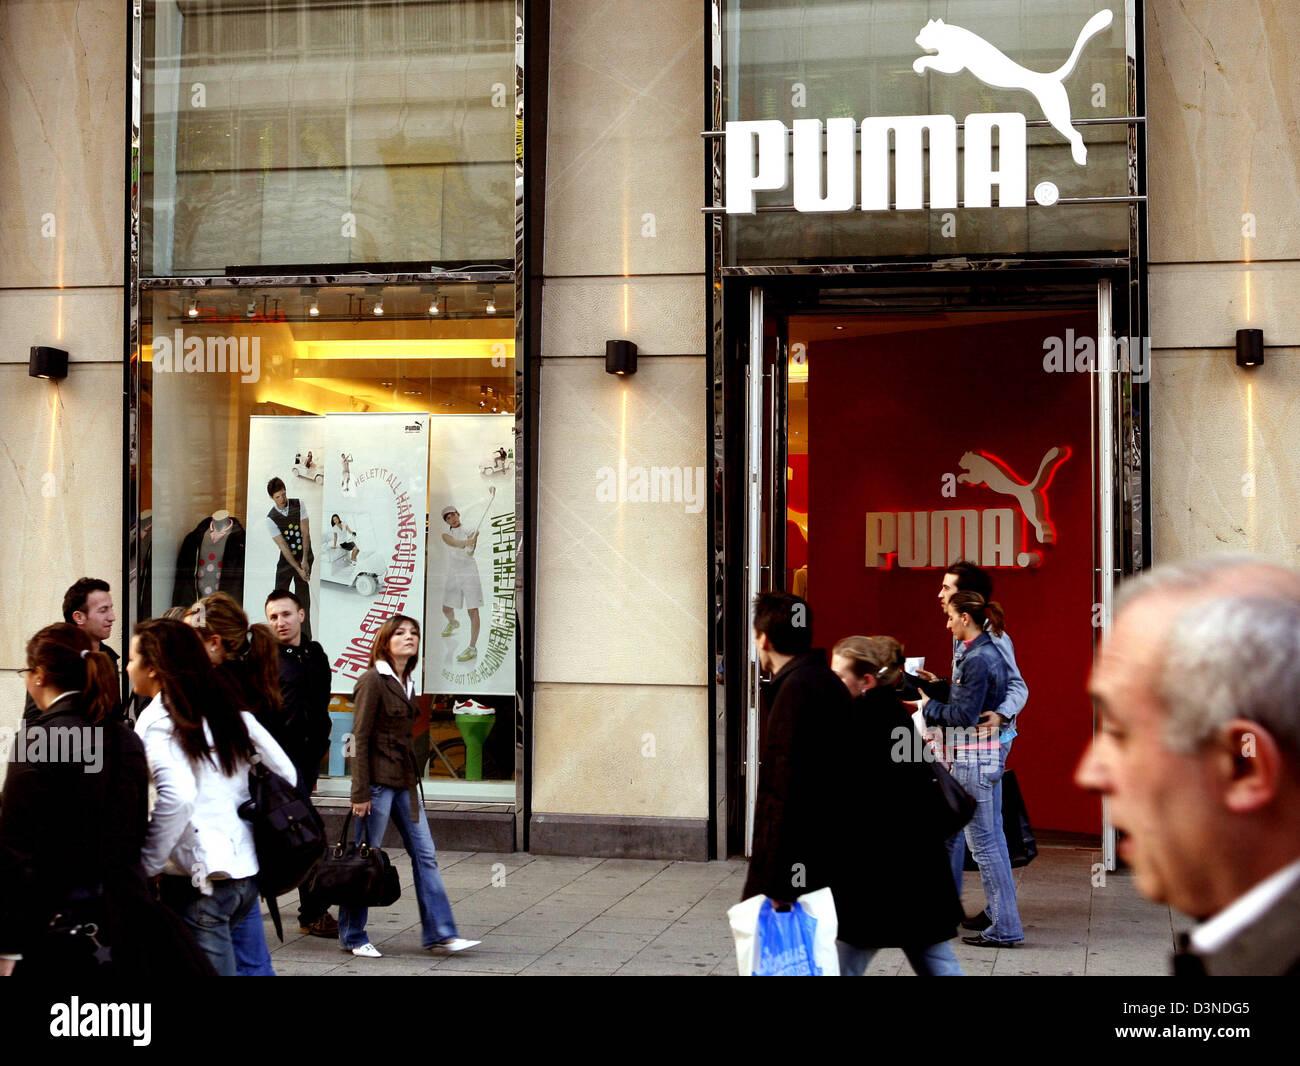 Das Bild zeigt Verbrauchern am Eingang der Puma speichern